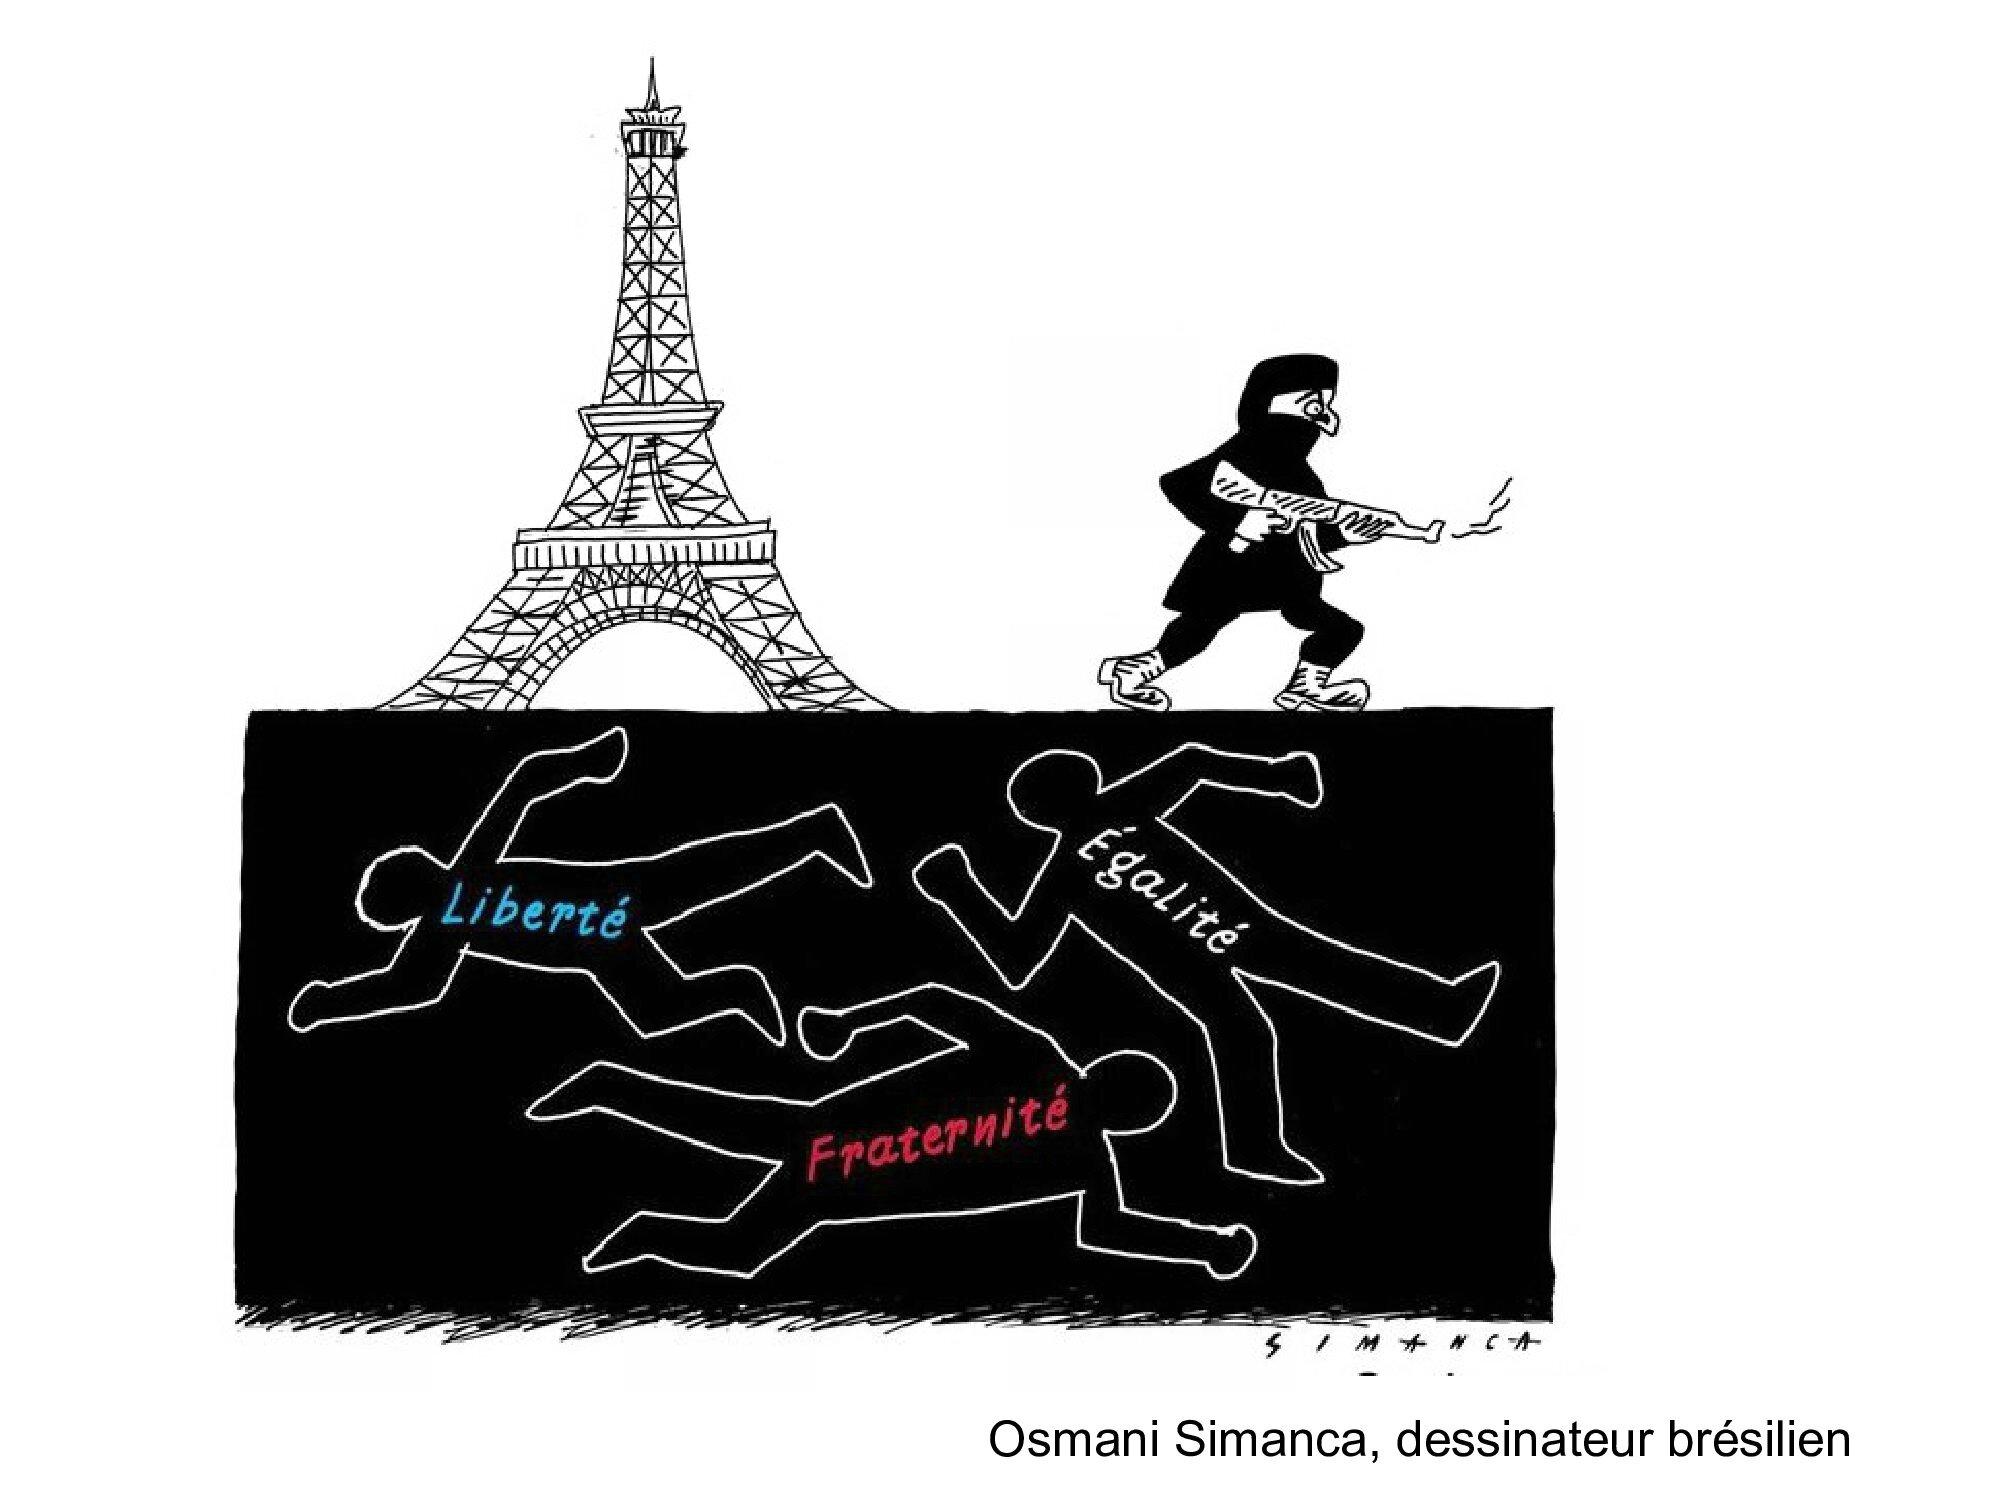 HOMMAGE des dessinateurs aux victimes des attentats de Paris 13 novembre 2015 (35)